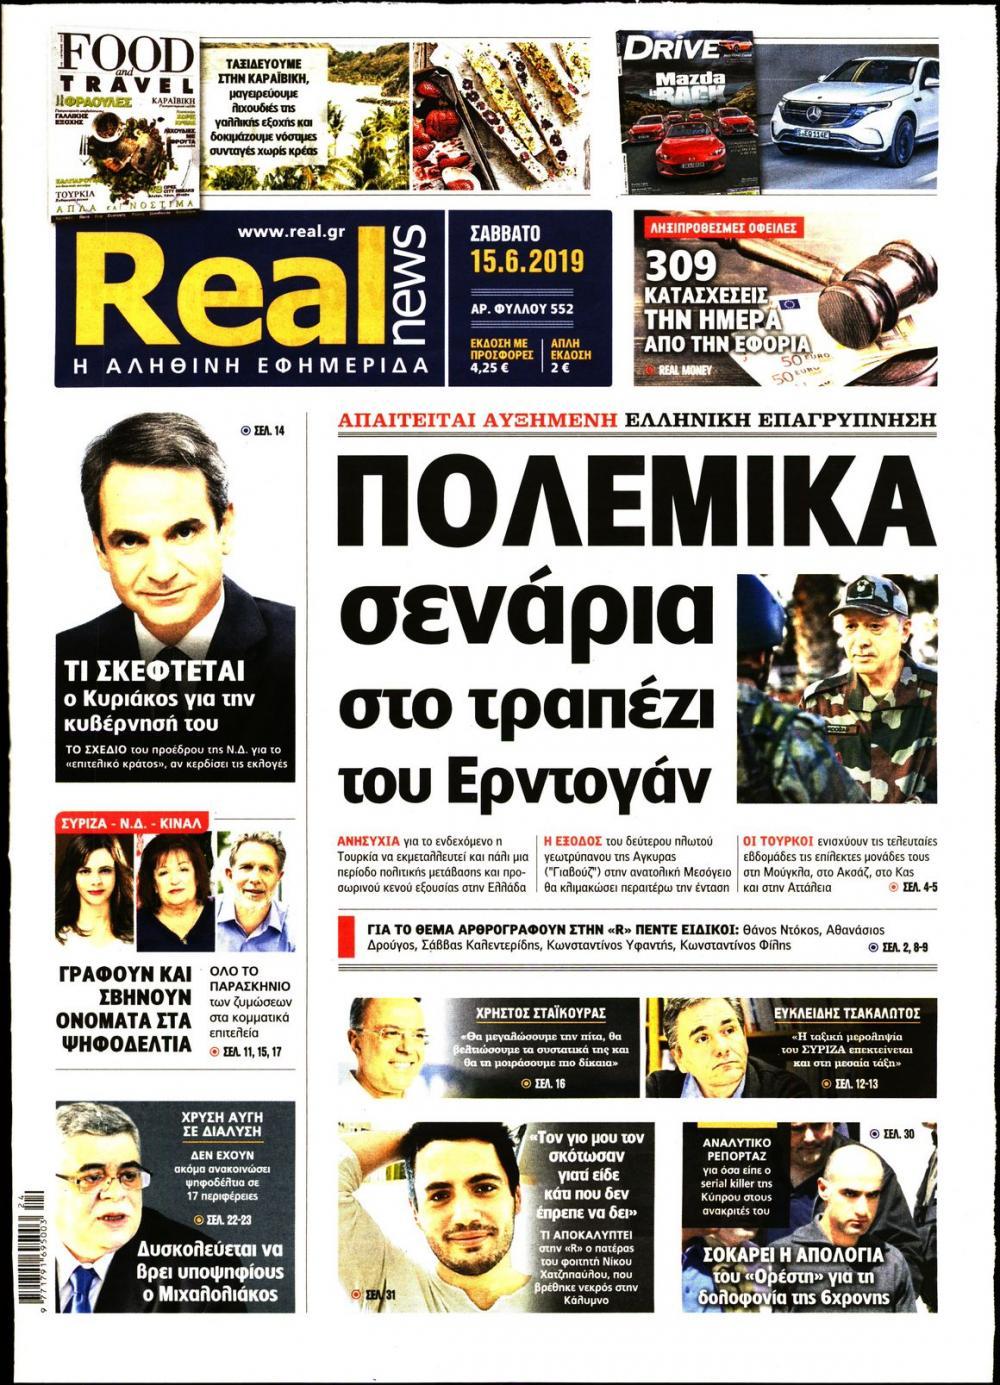 Πρωτοσέλιδο εφημερίδας Real News